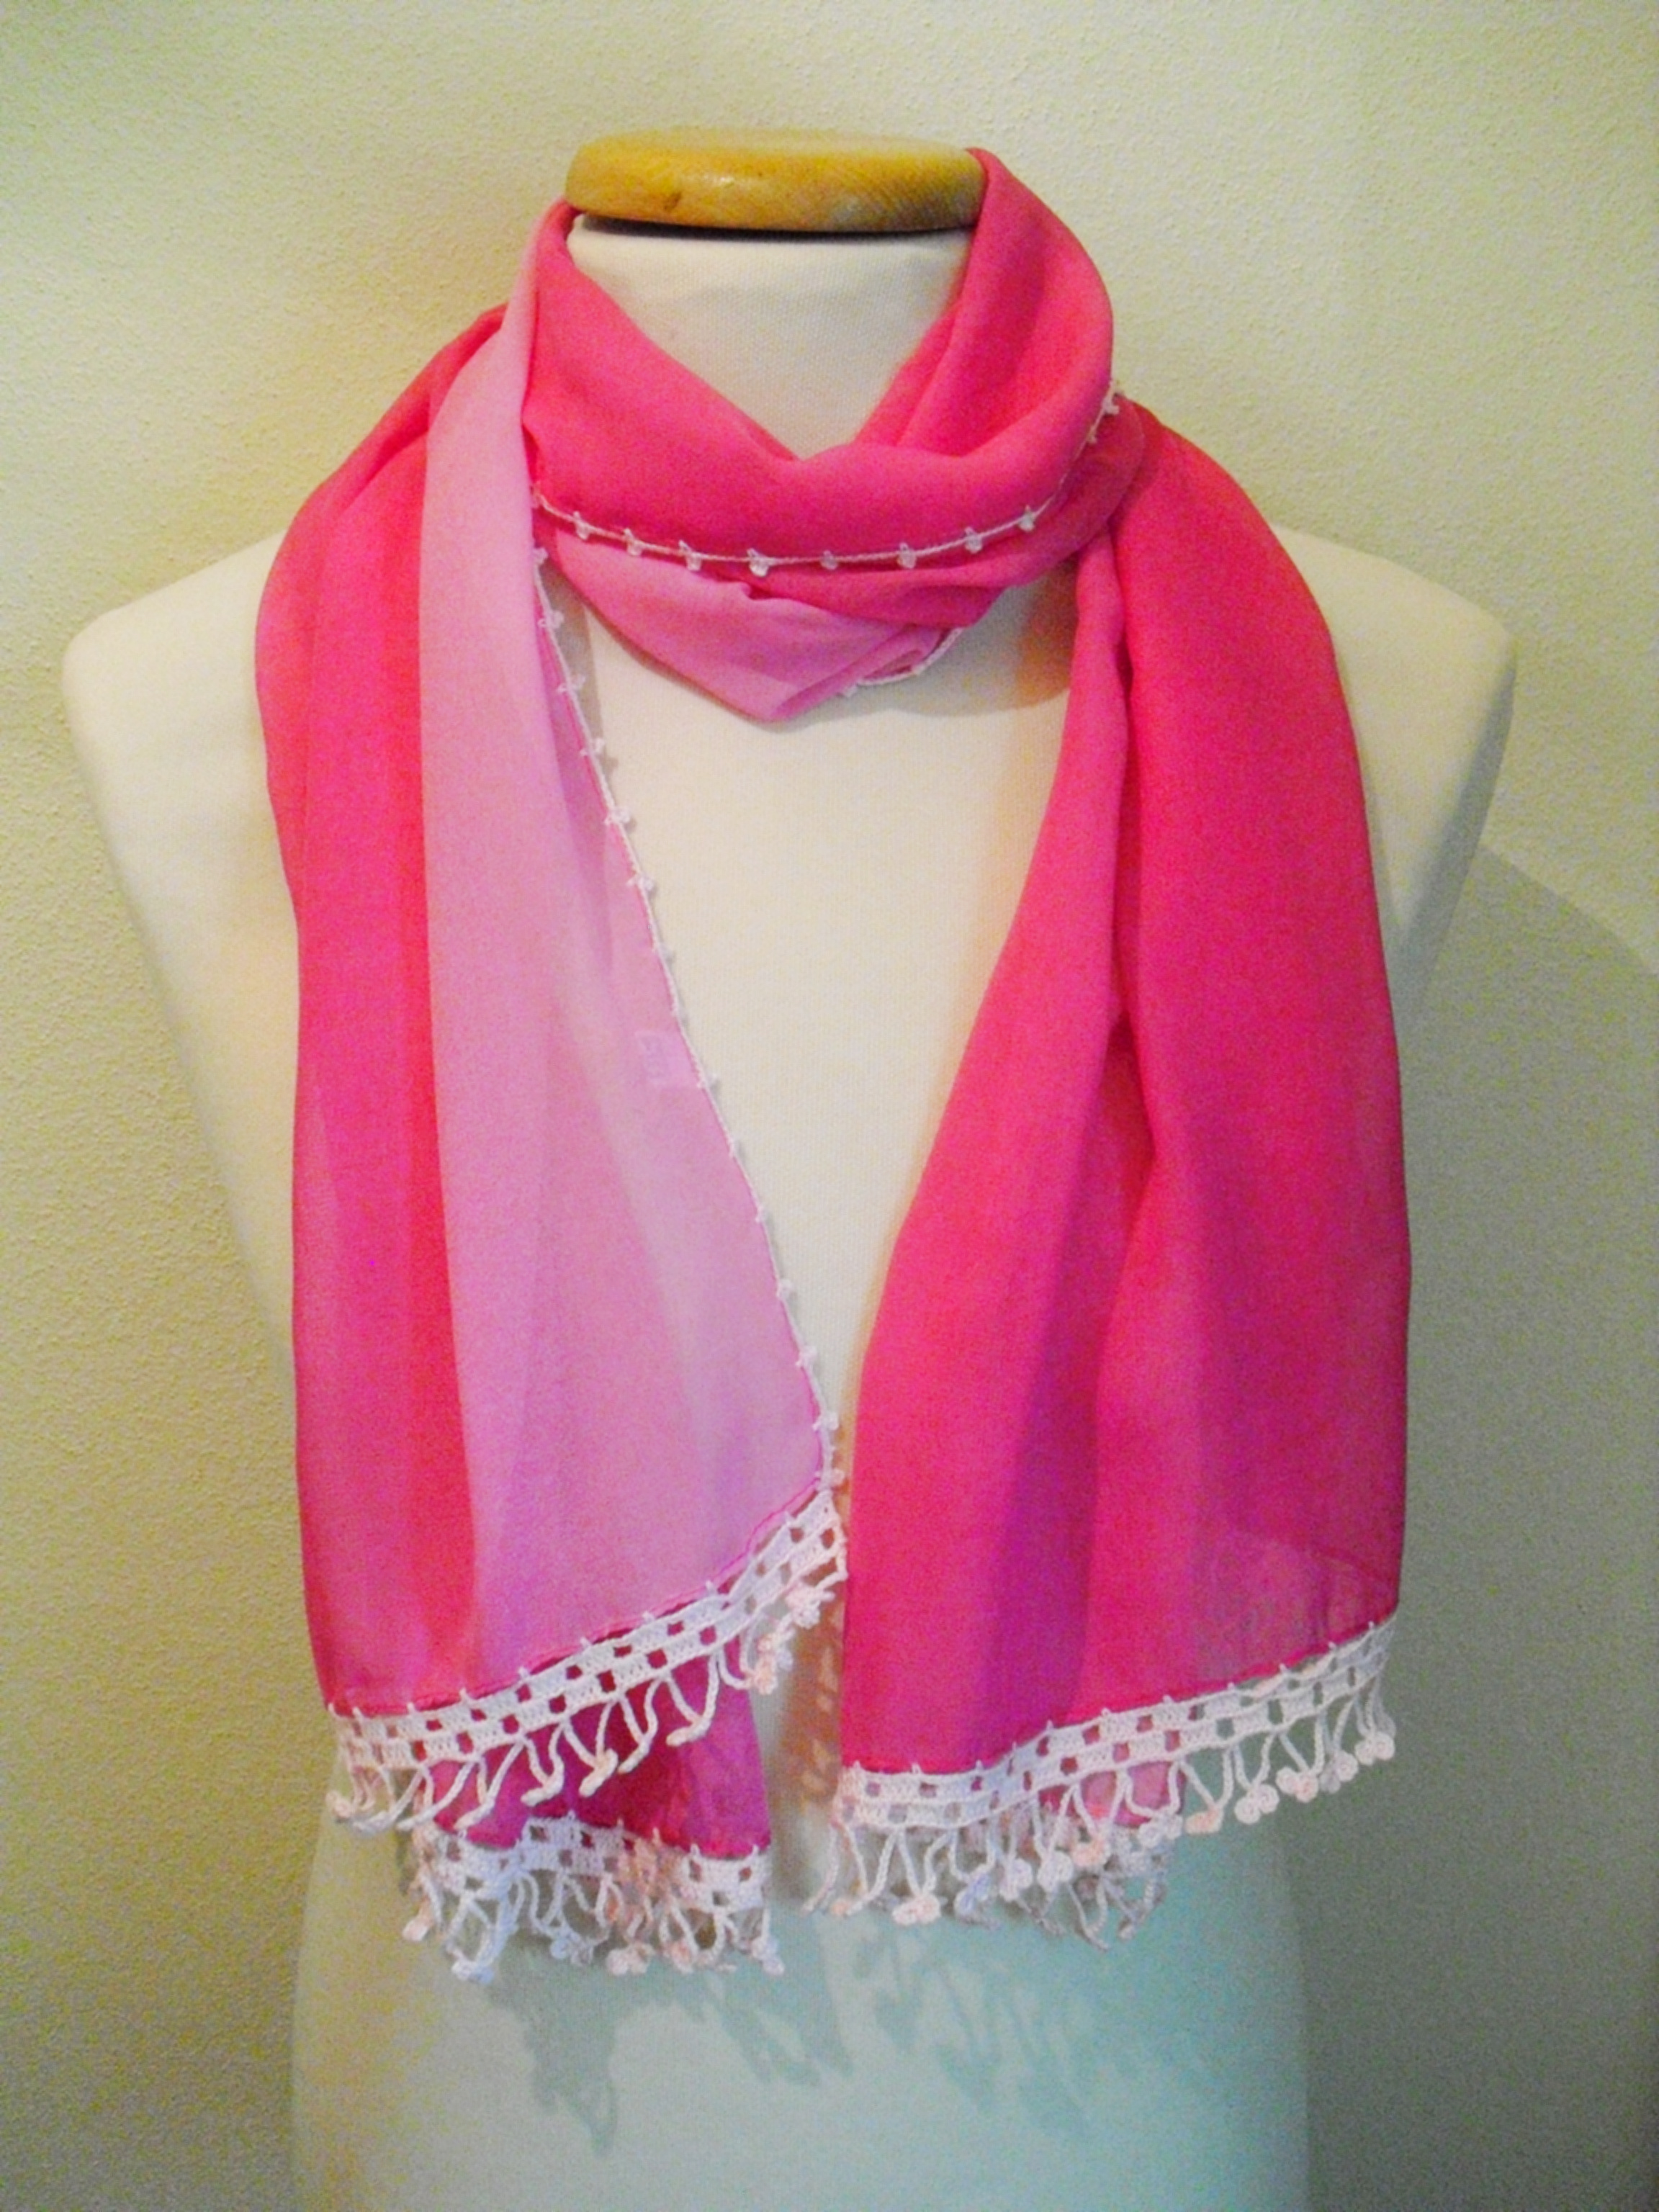 Outra foto da écharpe rosa, com crochet